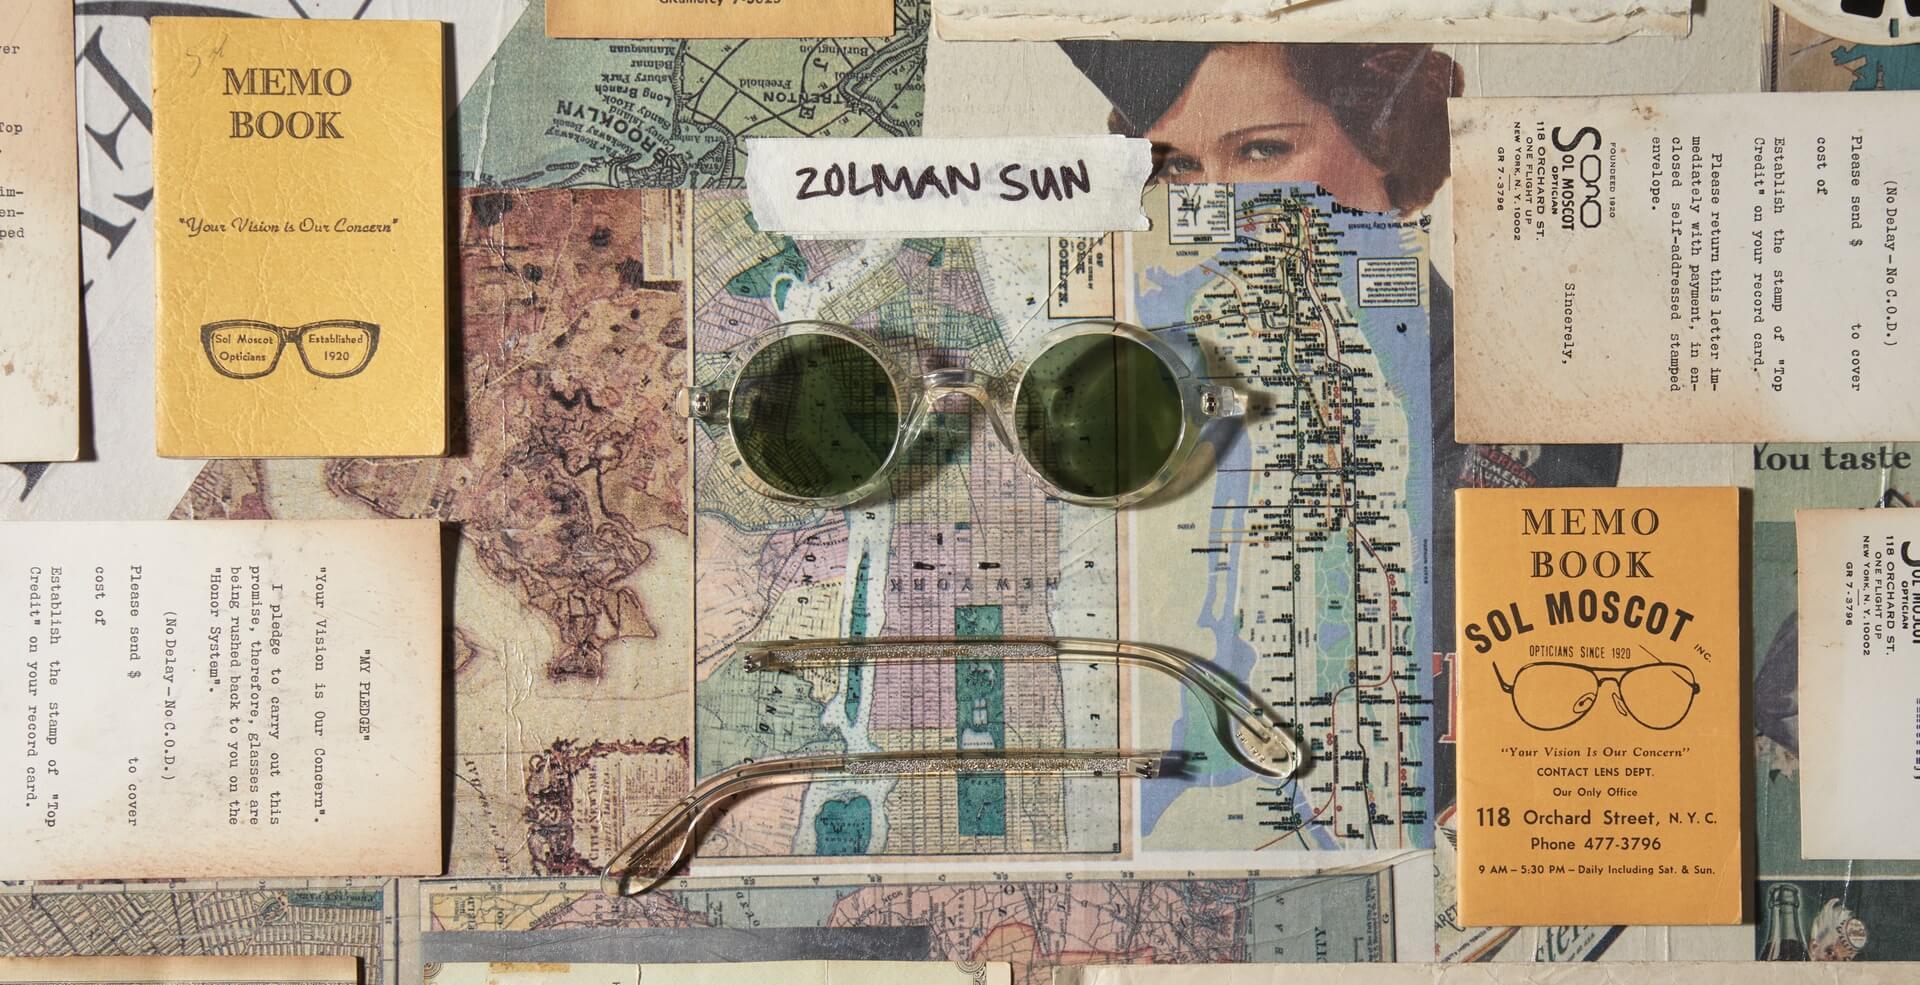 ZOLMAN SUN